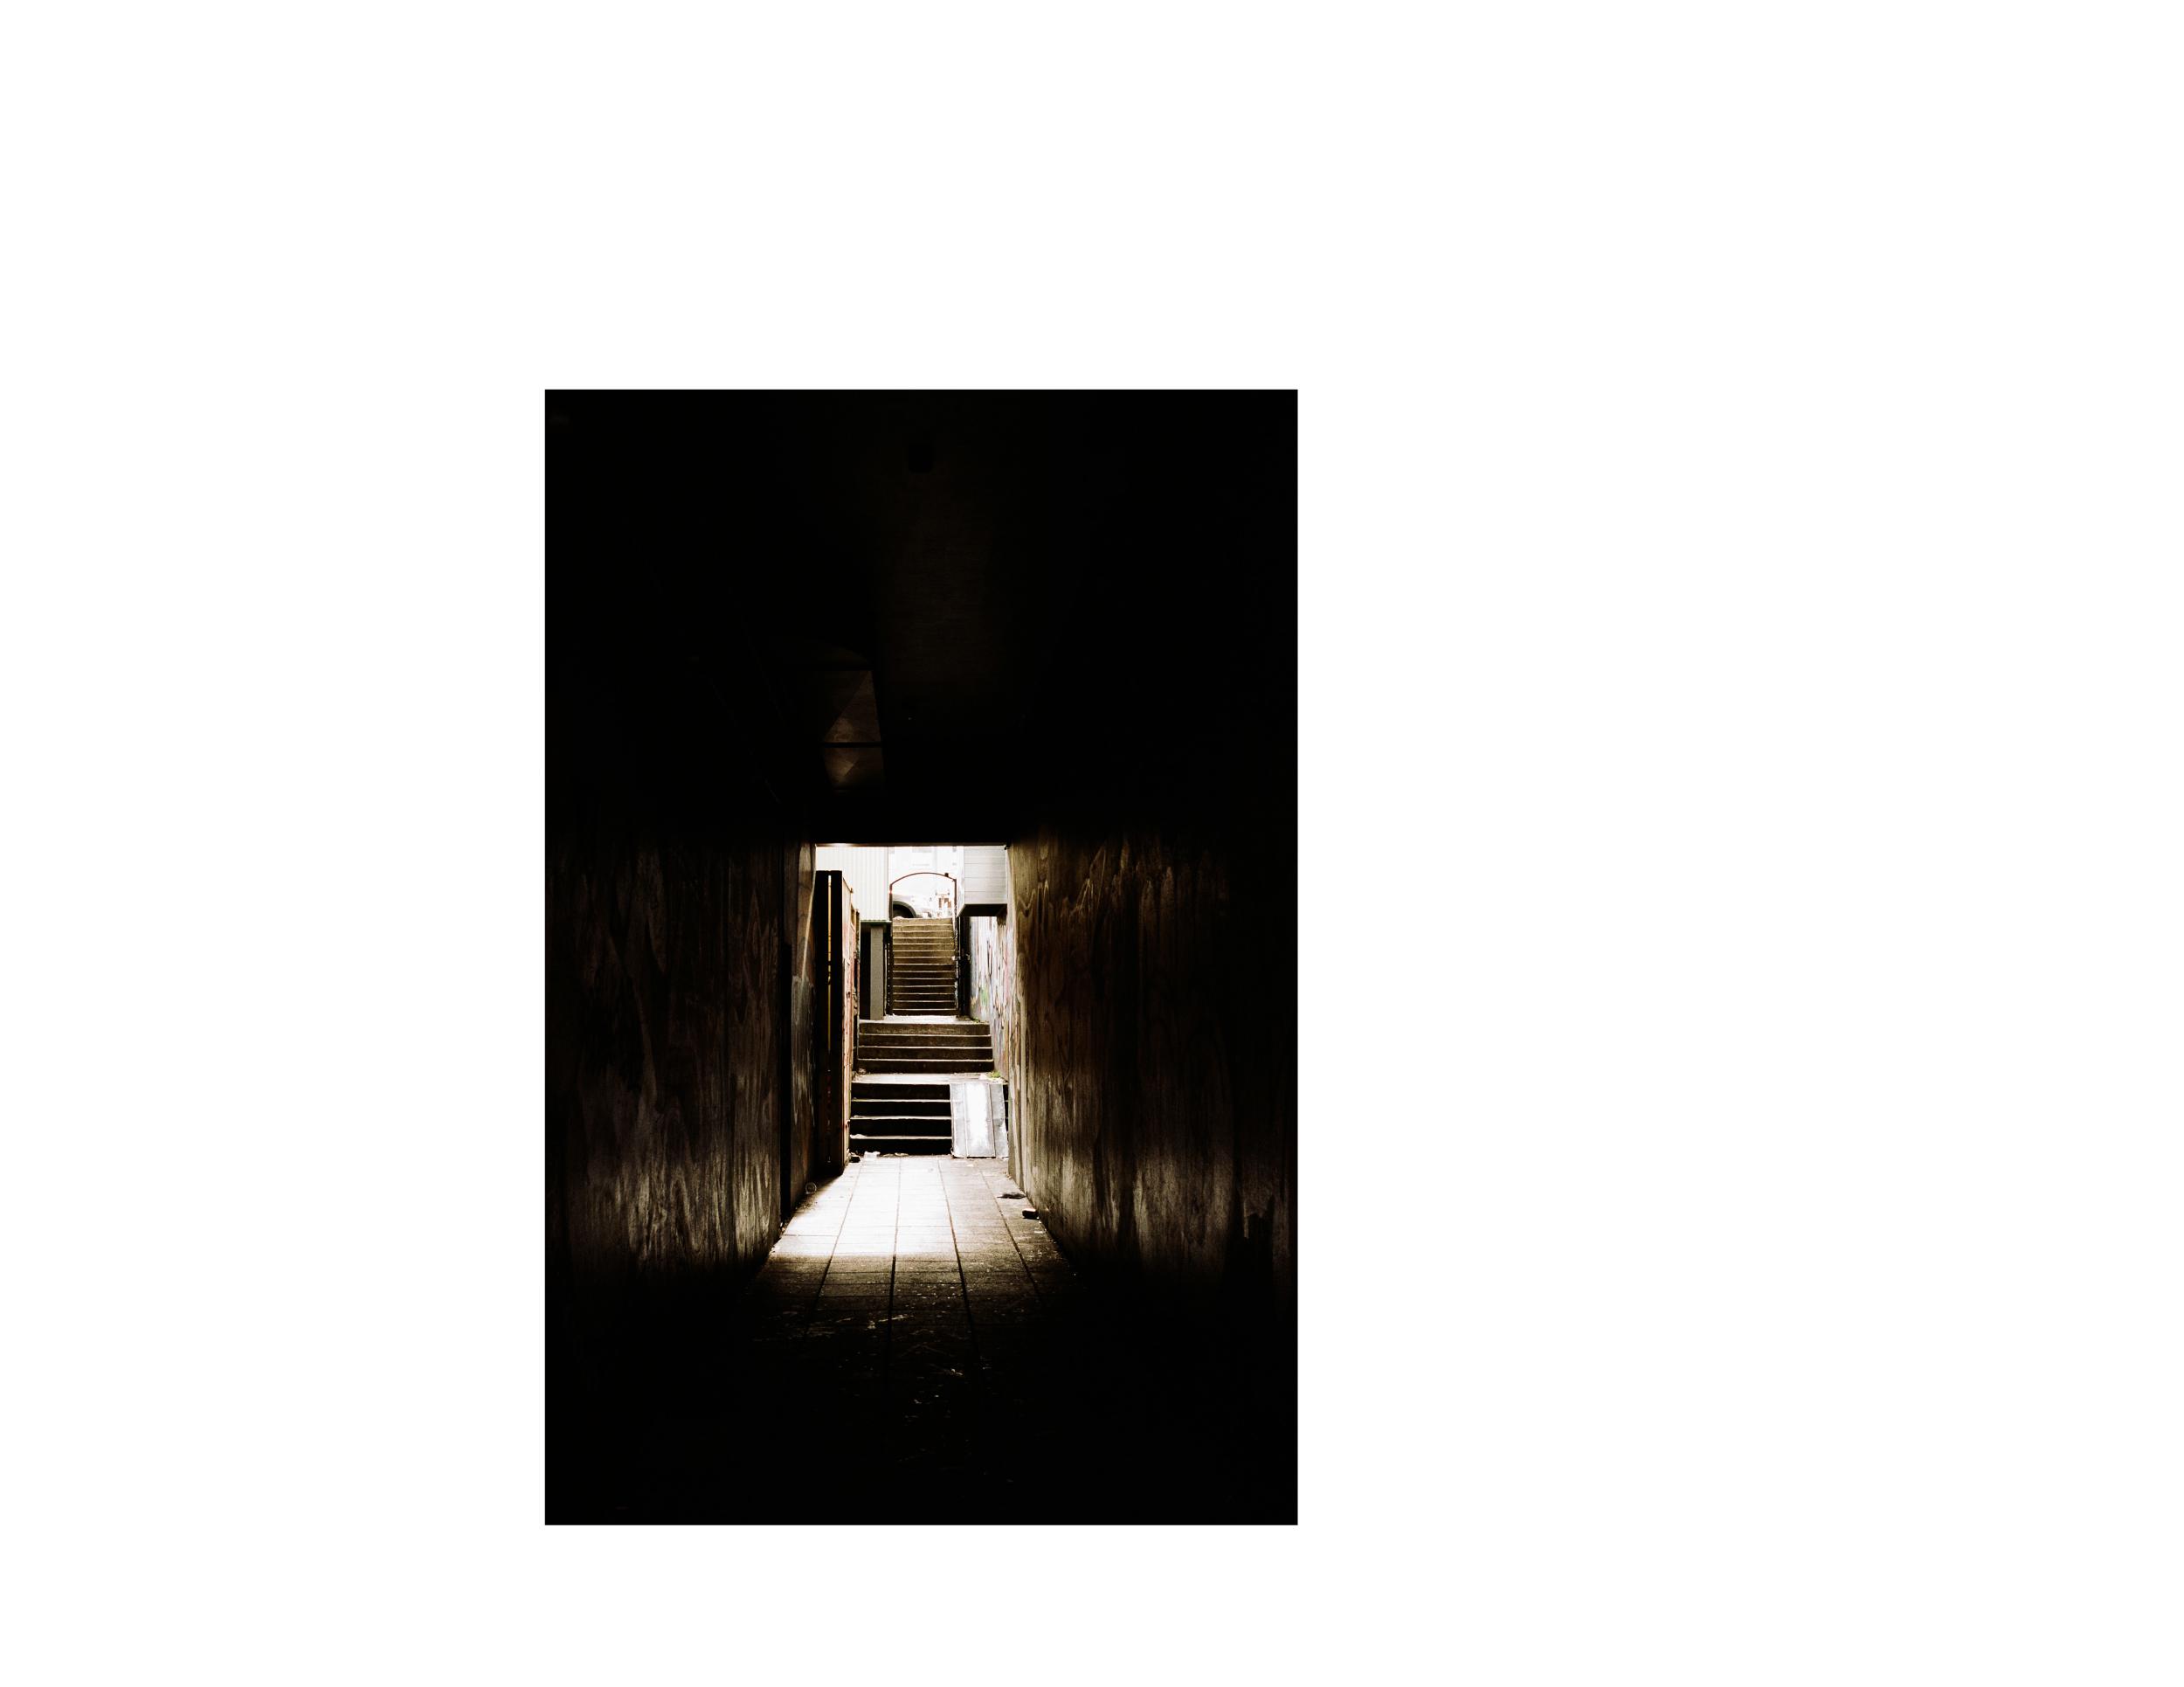 RVK_Slide8.jpg